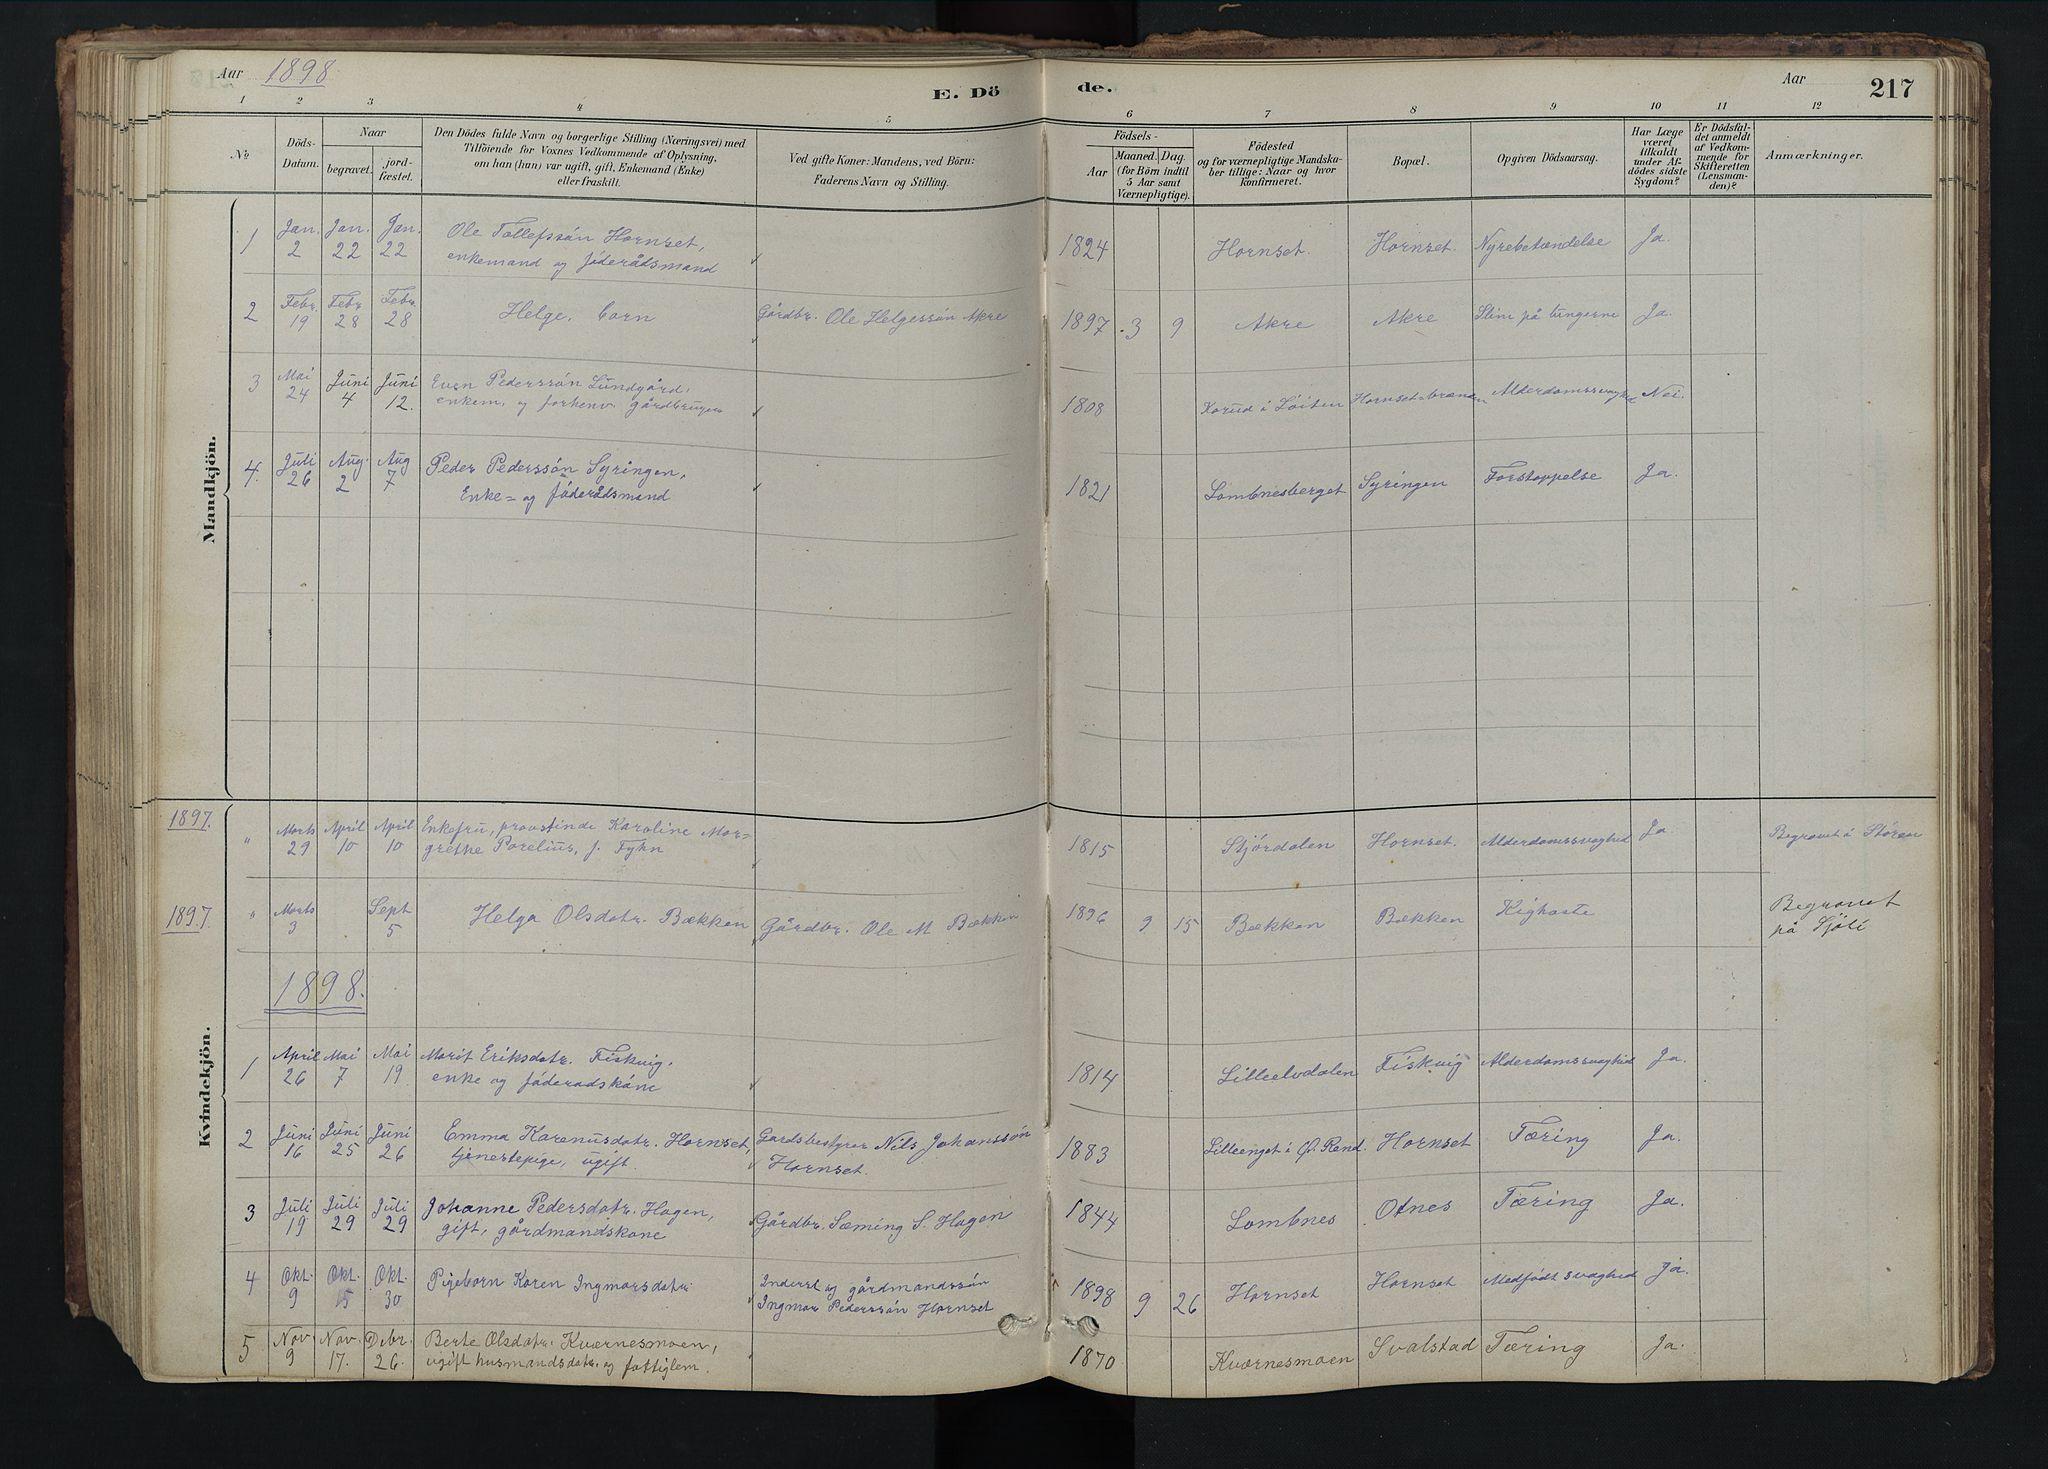 SAH, Rendalen prestekontor, H/Ha/Hab/L0009: Klokkerbok nr. 9, 1879-1902, s. 217